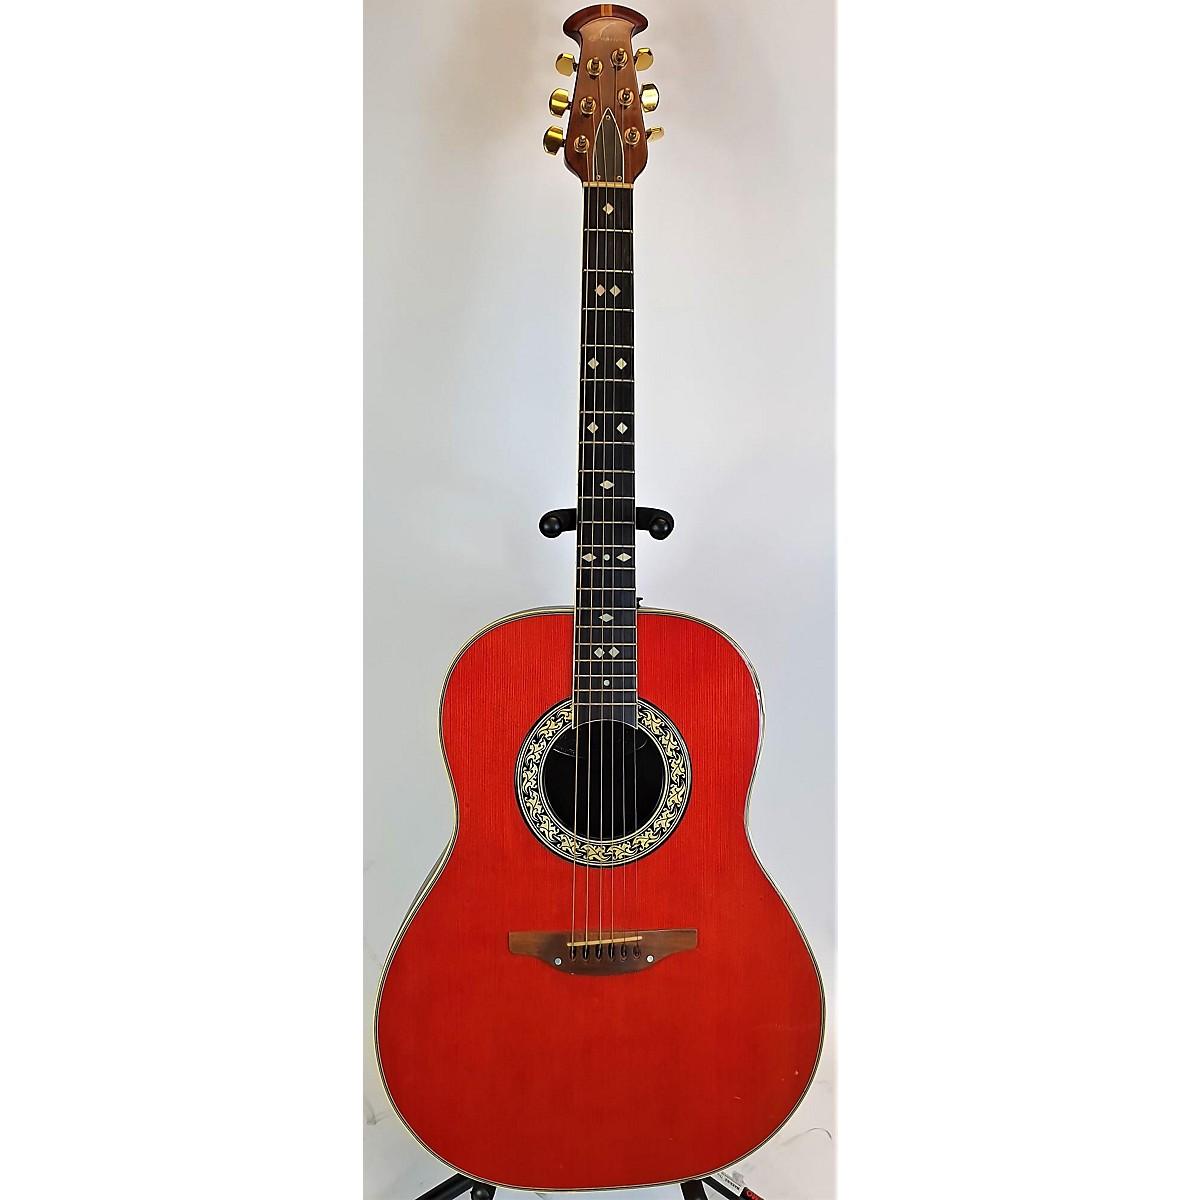 Ovation 1976 Legend 1117-2 Acoustic Guitar